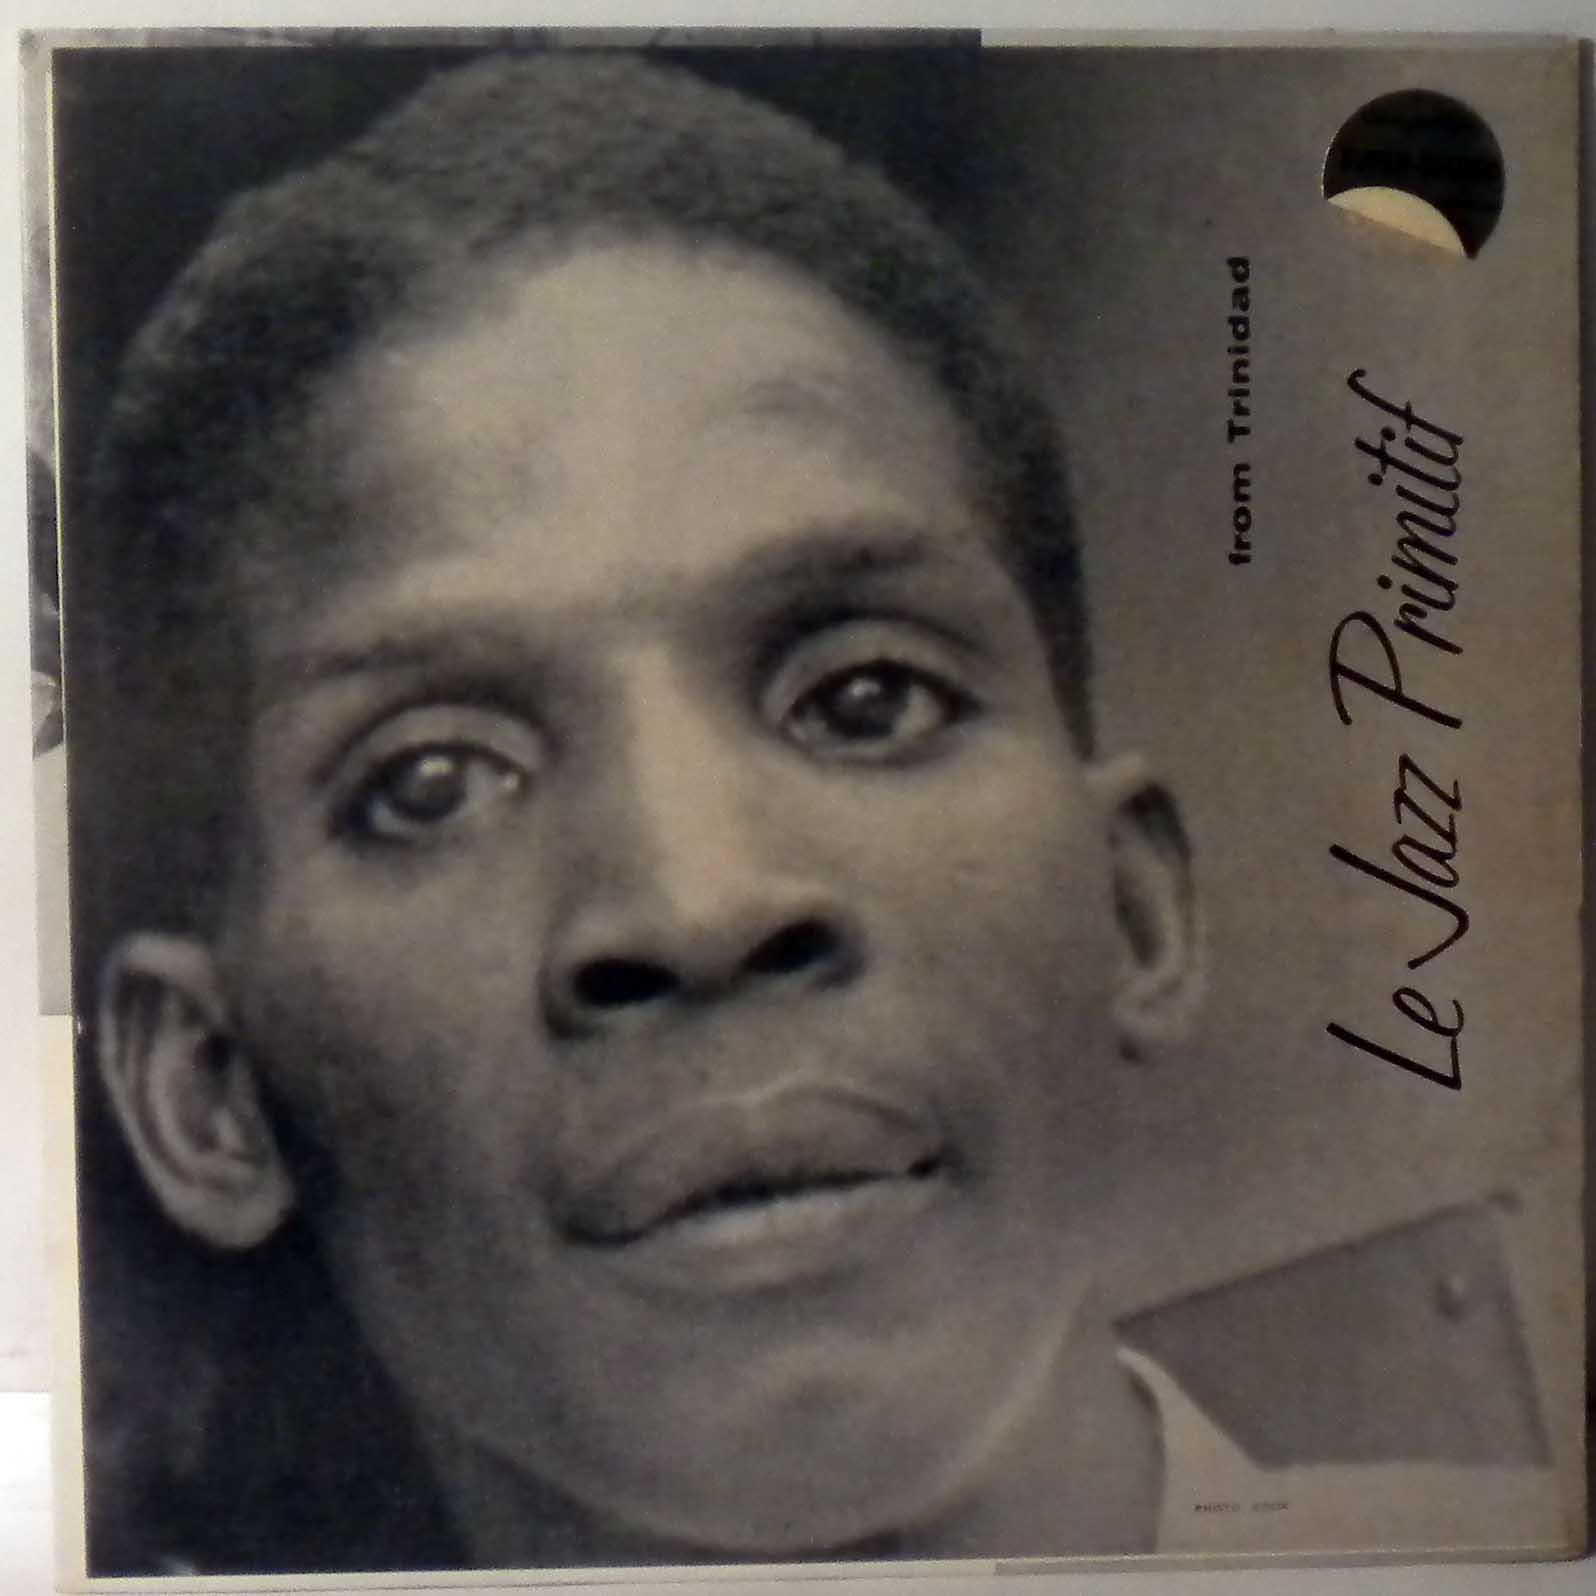 RUPERT CLEMENDORE - Le Jazz Primitif - LP